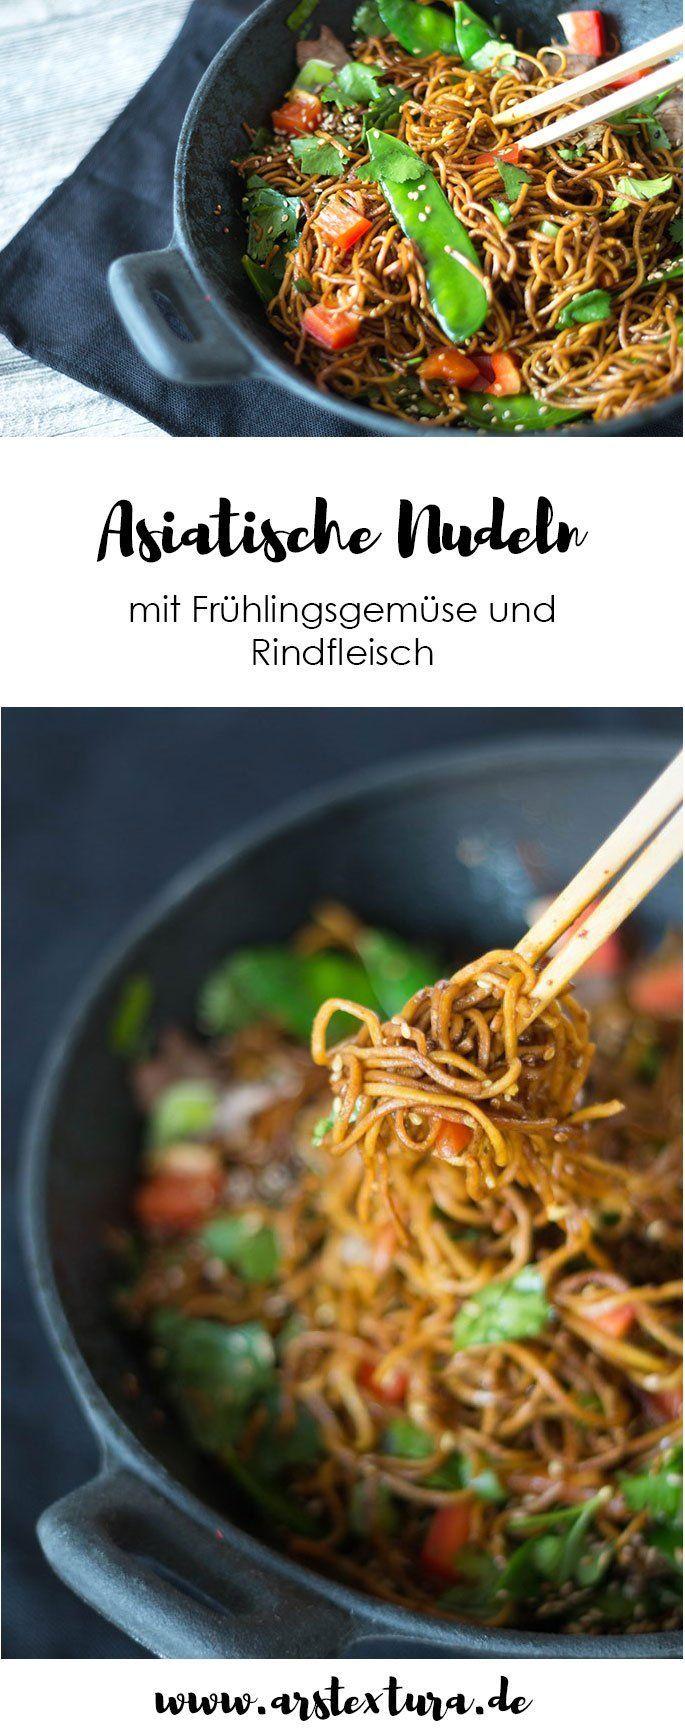 Asiatische Nudeln mit Frühlingsgemüse und Rindfleisch: Rezept mit Mie Nudeln